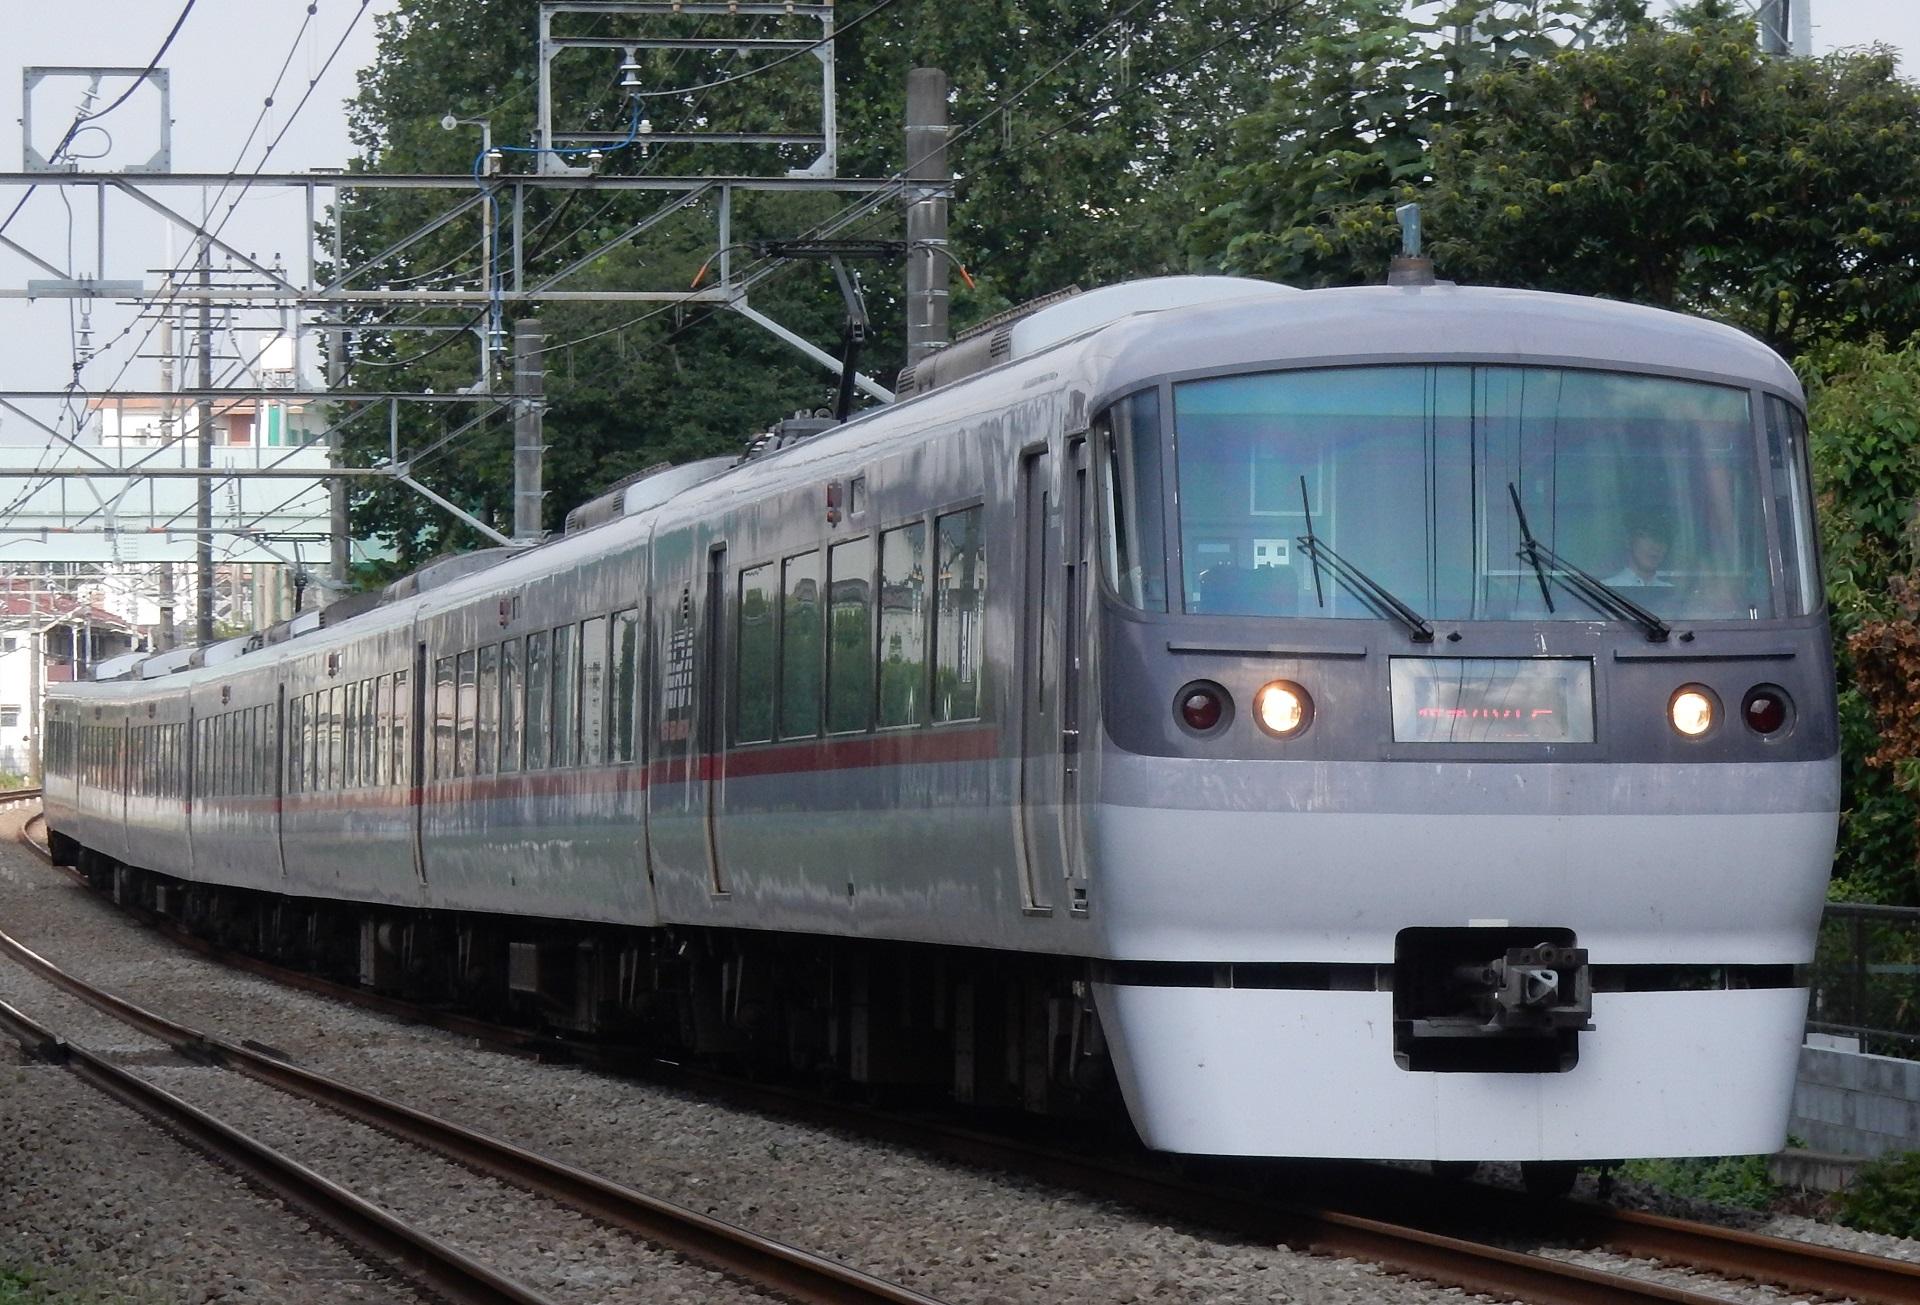 DSCN4950 - コピー